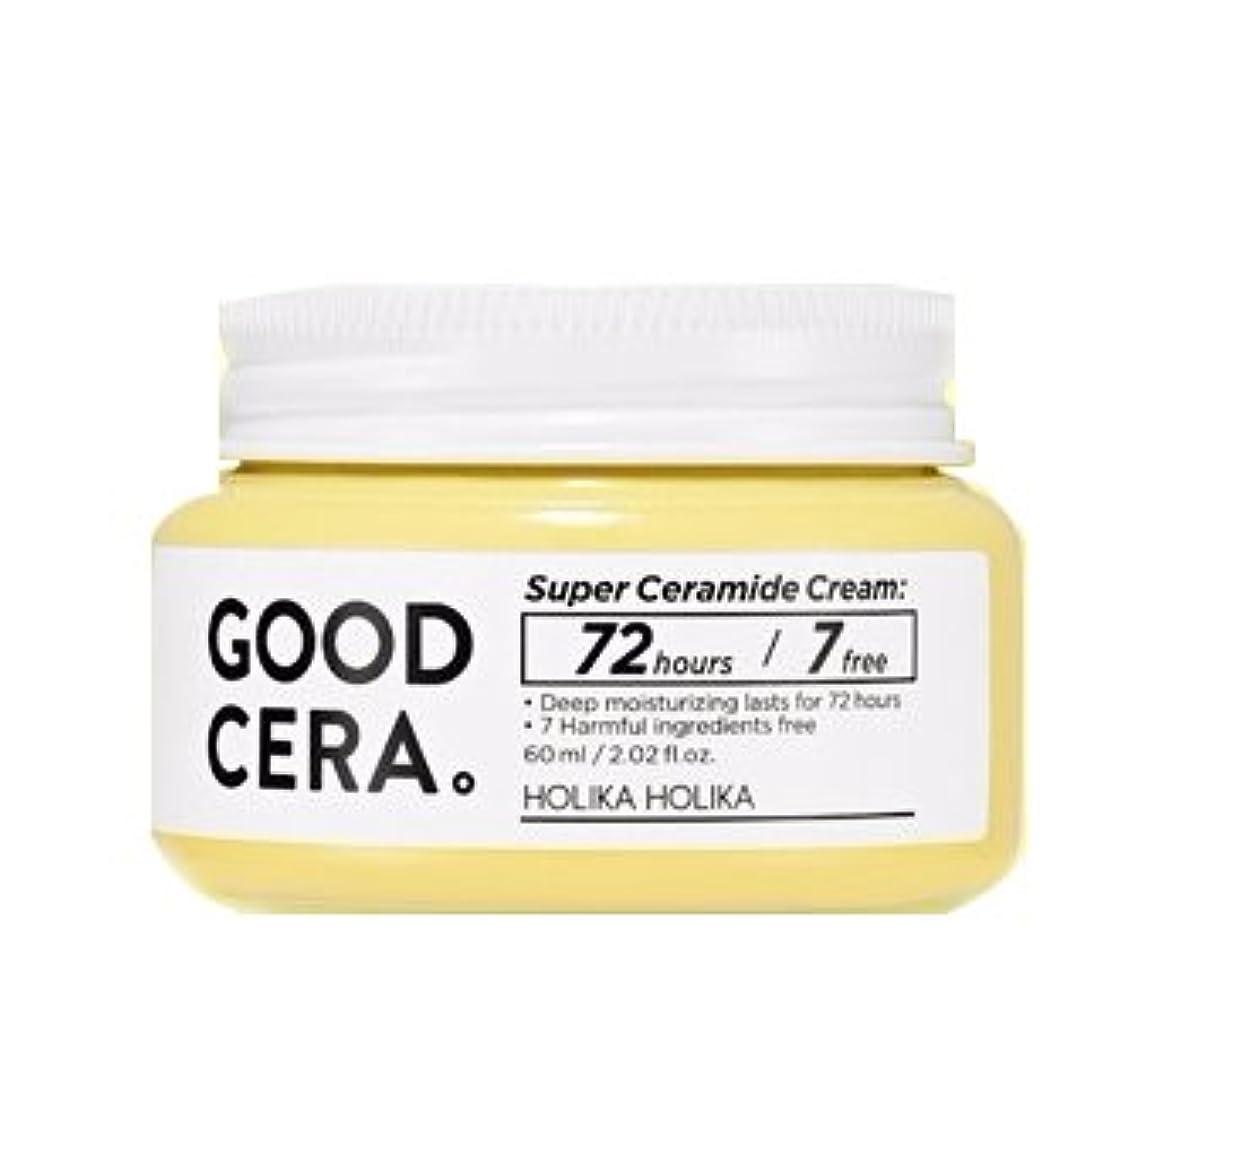 叫ぶ過ち怠[NEW] ホリカホリカ スーパーセラミドクリーム 60ml / HOLIKA HOLIKA Super Ceramide Cream [並行輸入品]